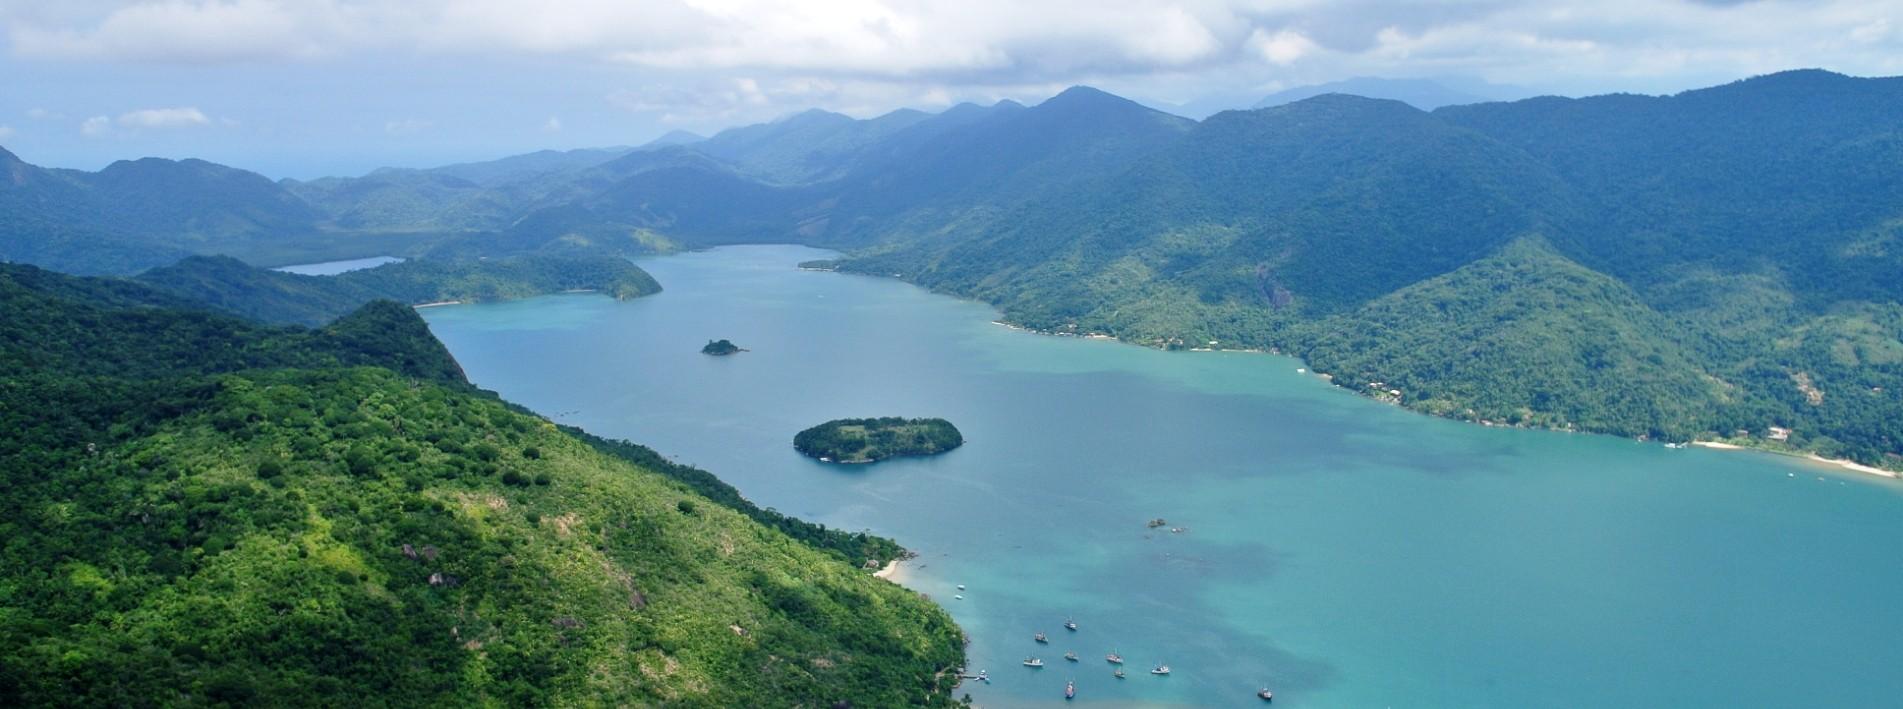 Wunderbare Aussicht auf den Saco de Mamanguá